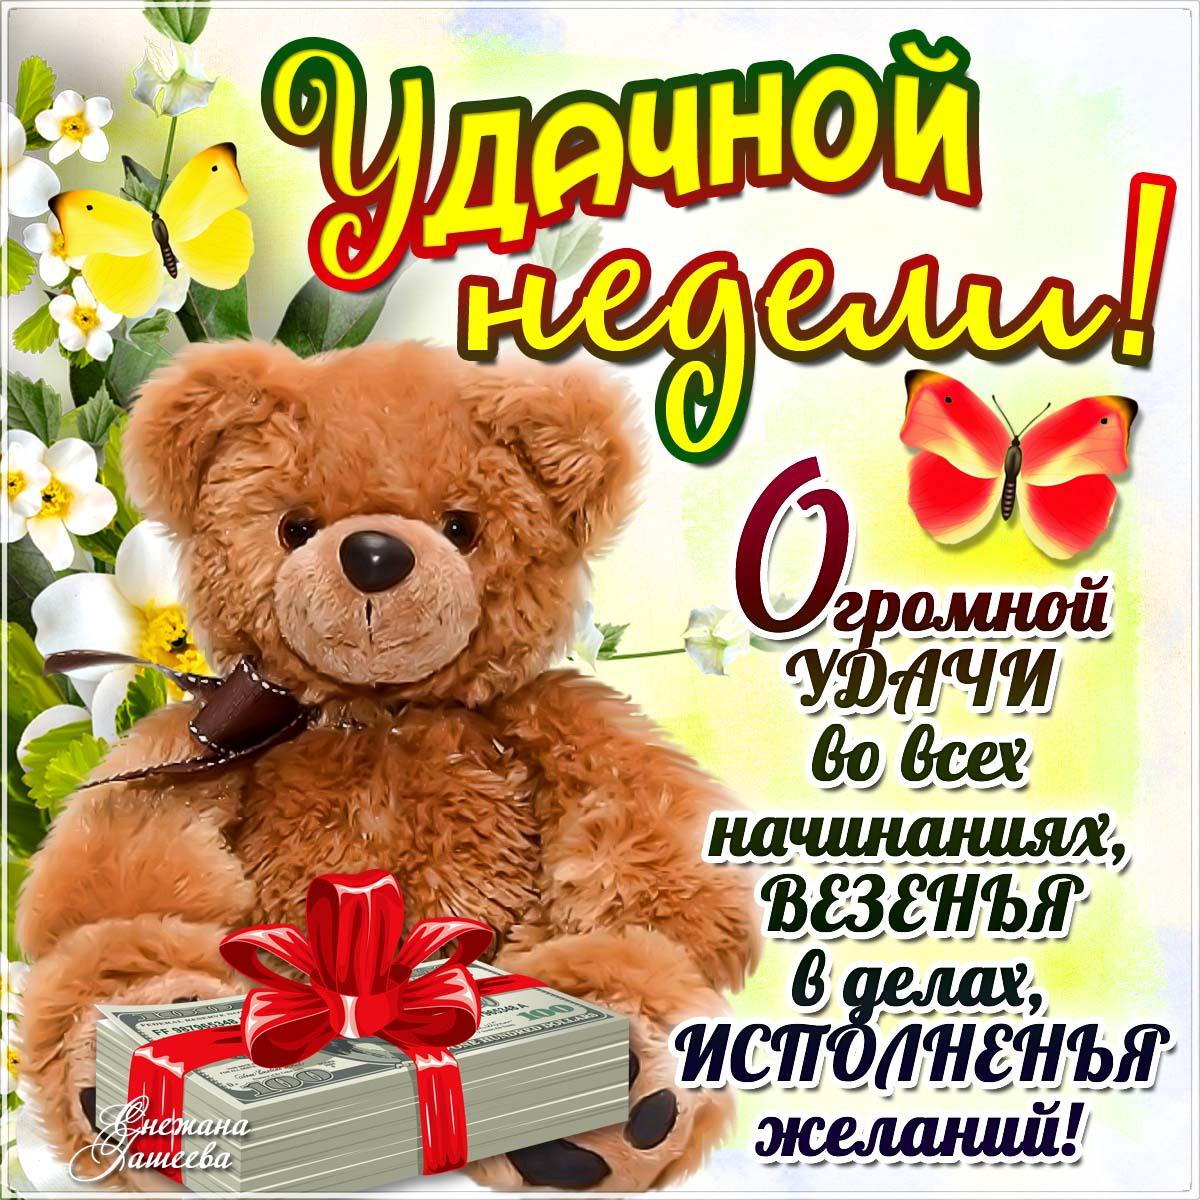 Сердечками любимому, открытки с пожеланием хорошего дня и недели